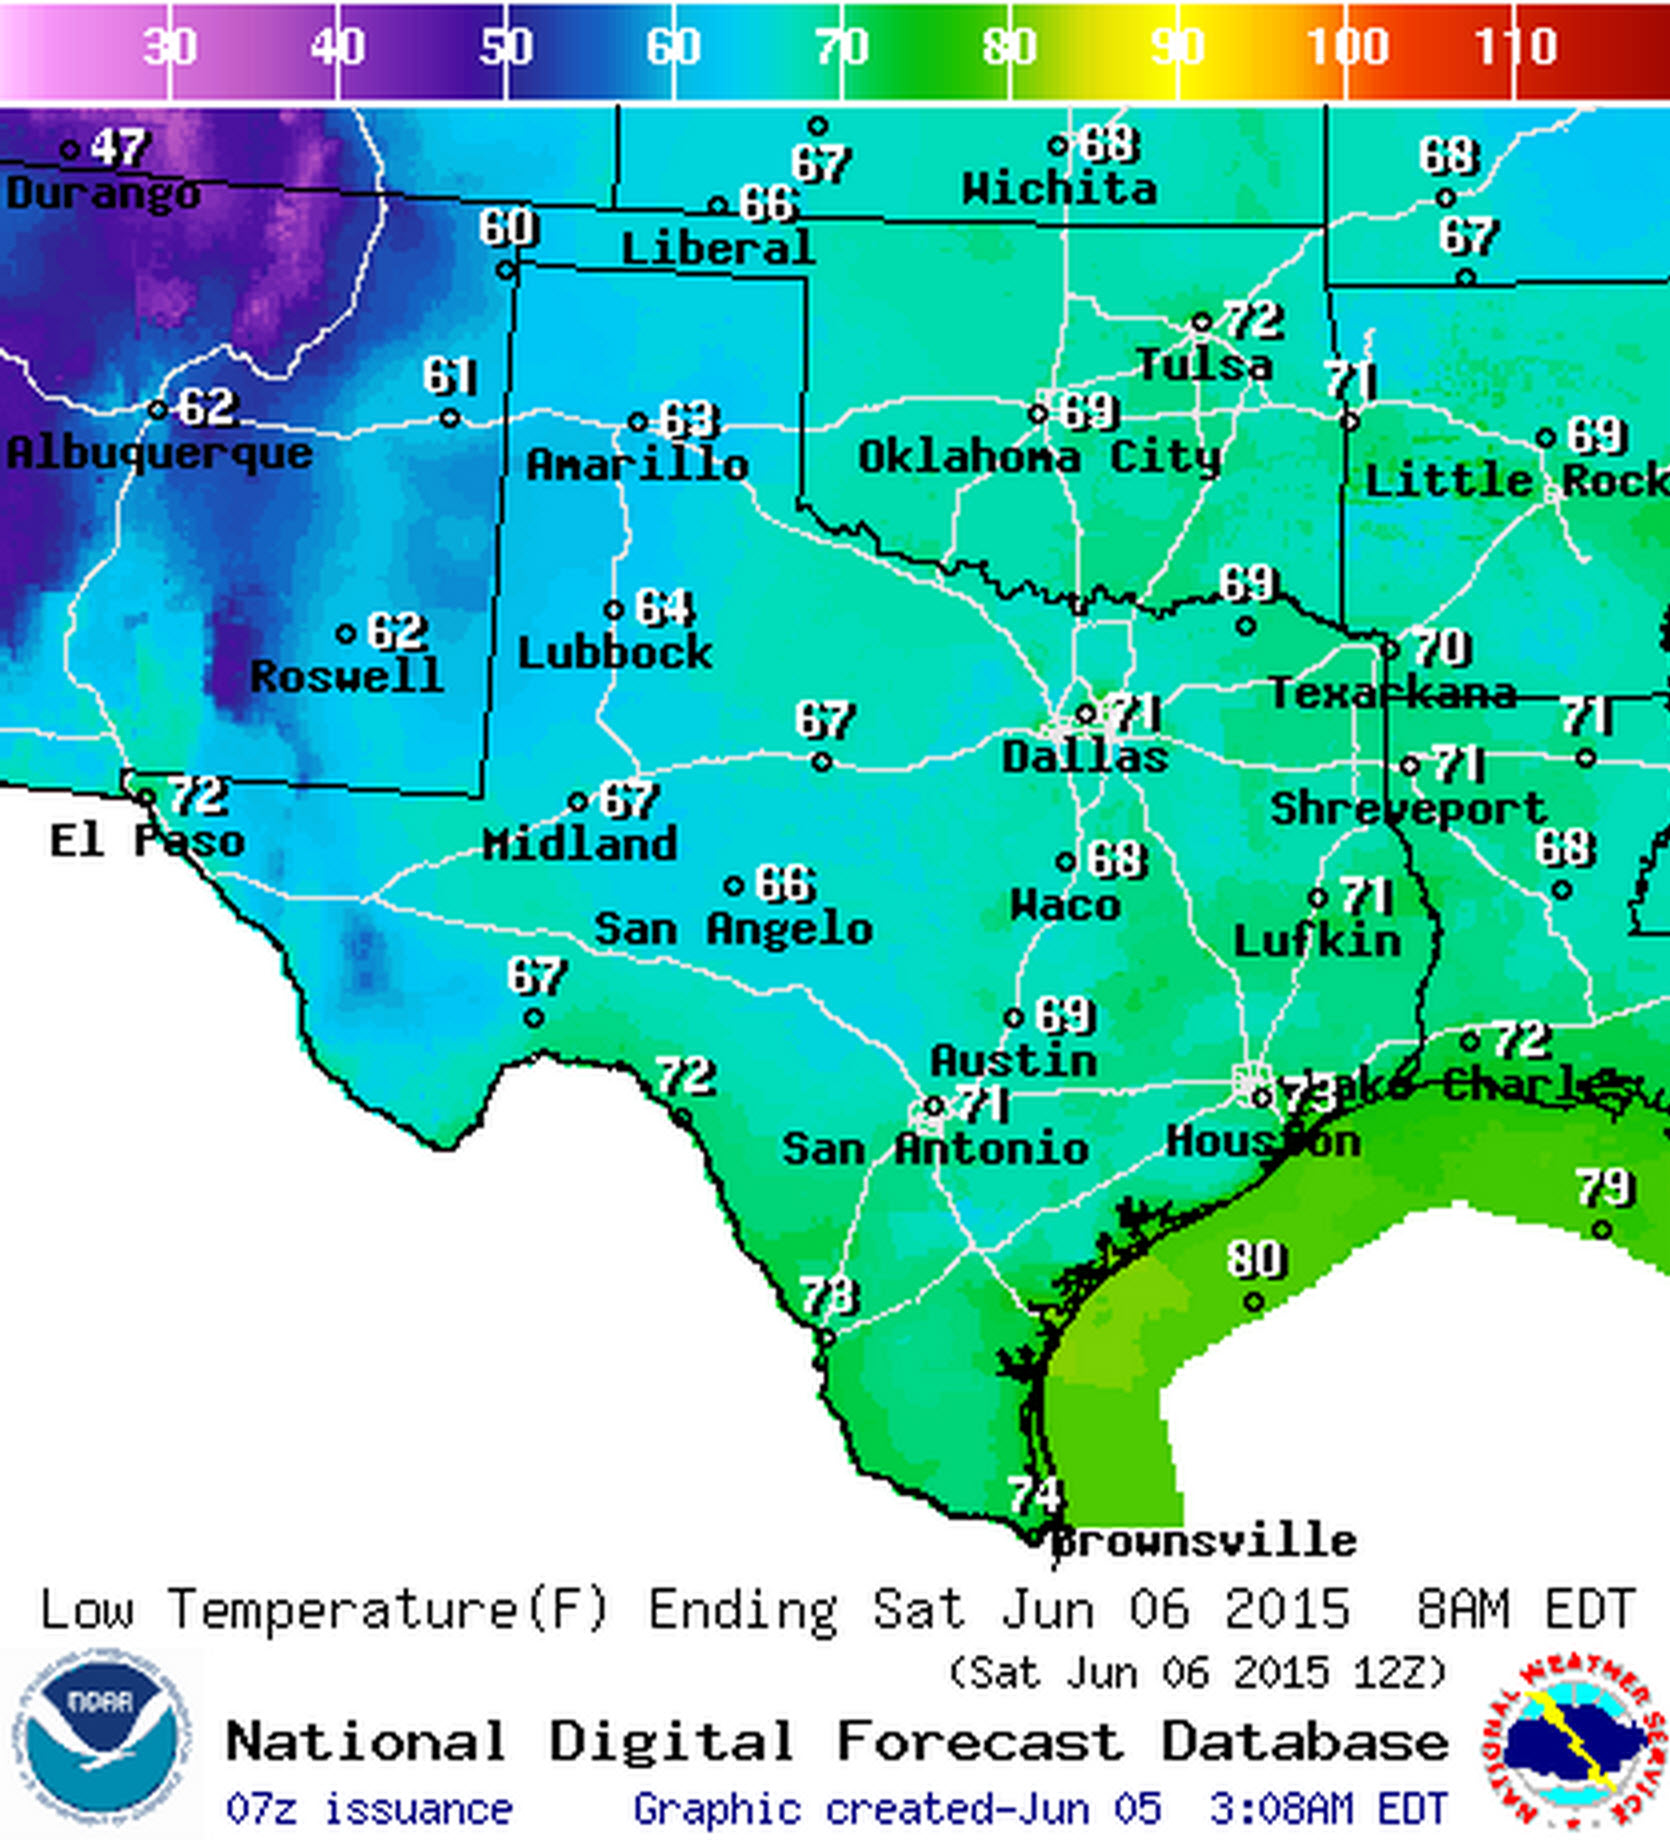 Saturday Morning Low Temperature Forecast